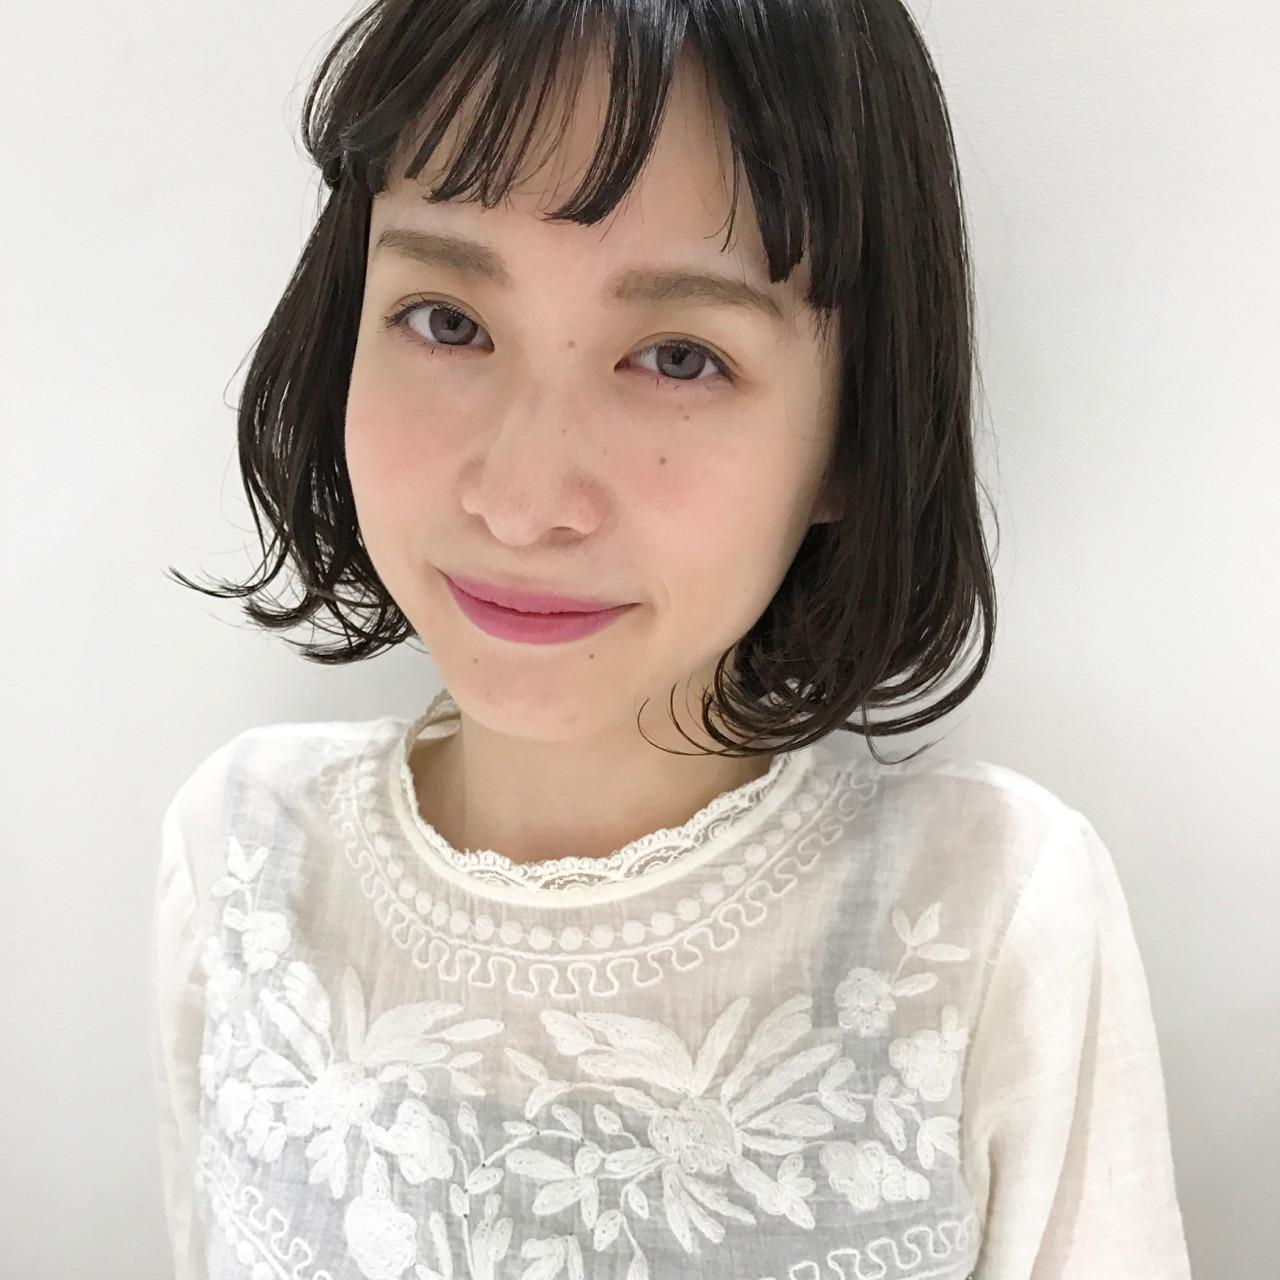 なりたいが叶う♡印象別黒髪ぱっつんボブスタイルを紹介! SHUN